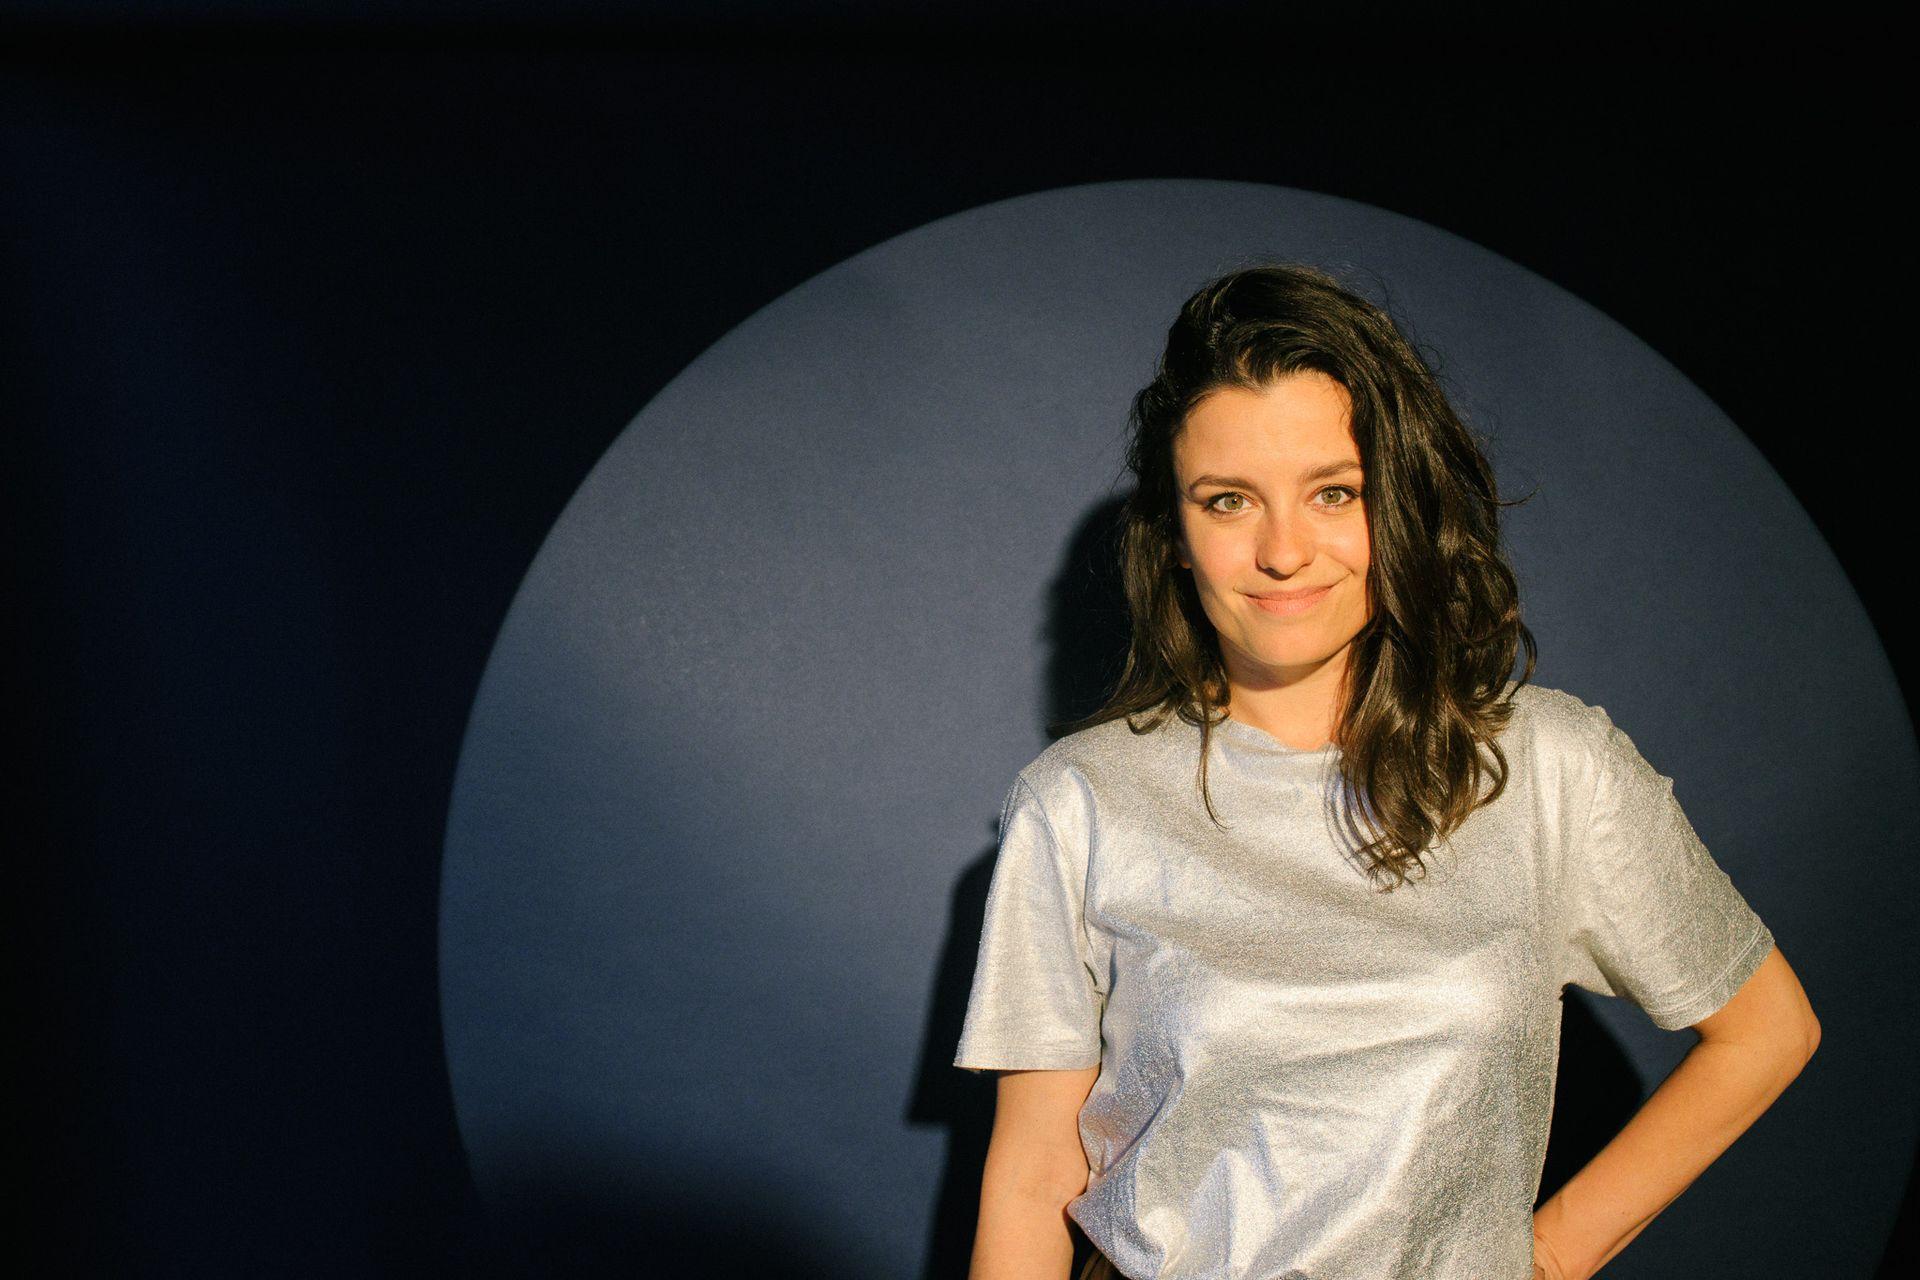 HET OP MAAT GEMAAKTE SPEL DE DJ EDITIE - EVA